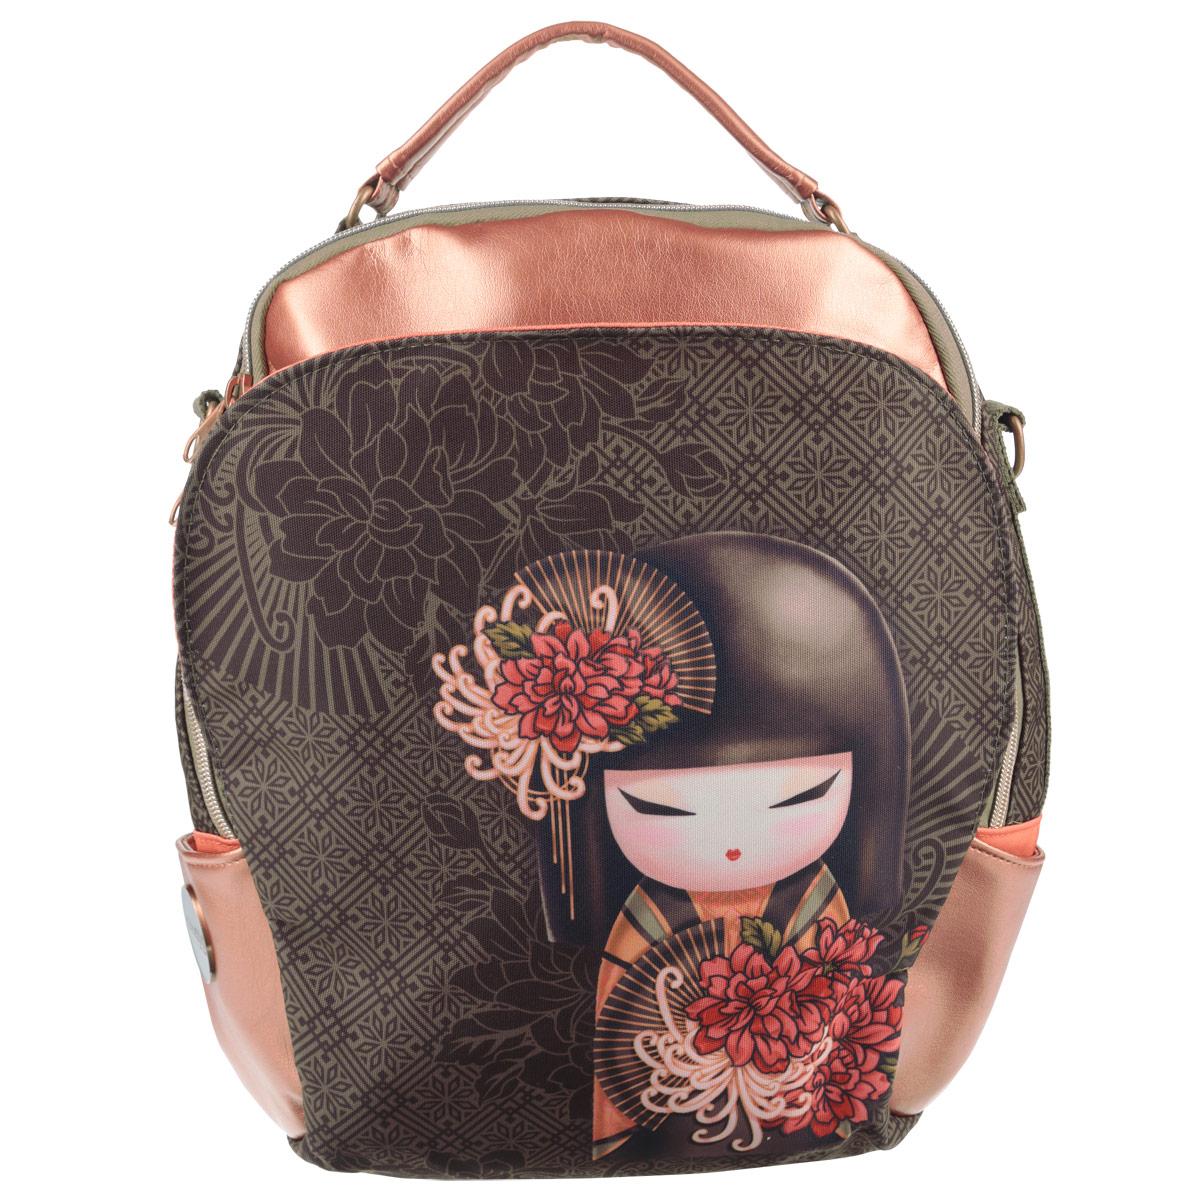 Сумка-рюкзак молодежная Kimmidoll, цвет: бронзовый, темно-серыйKMCB-UT1-596Универсальная молодежная сумка-рюкзак Kimmidoll выполнена из высококачественных материалов и оформлена красочным изображением японской куколки с цветком.Модель содержит одно вместительное отделение на застежке-молнии. Внутри отделения находятся прорезной карман на молнии и два открытых кармашка. Фронтальный карман с клапаном на магнитах. Задняя стенка сумки-рюкзака оснащена прорезным карманом на молнии. По бокам изделия находятся открытые карманы. Сумка оснащена удобной ручкой для переноски в руке, а также плечевым ремнем, с помощью которого сумку-рюкзак можно носить на плече и как рюкзак.Такую сумку-рюкзак можно использовать для повседневных прогулок, отдыха и спорта, а также как элемент вашего имиджа.Рекомендуемый возраст: от 12 лет.